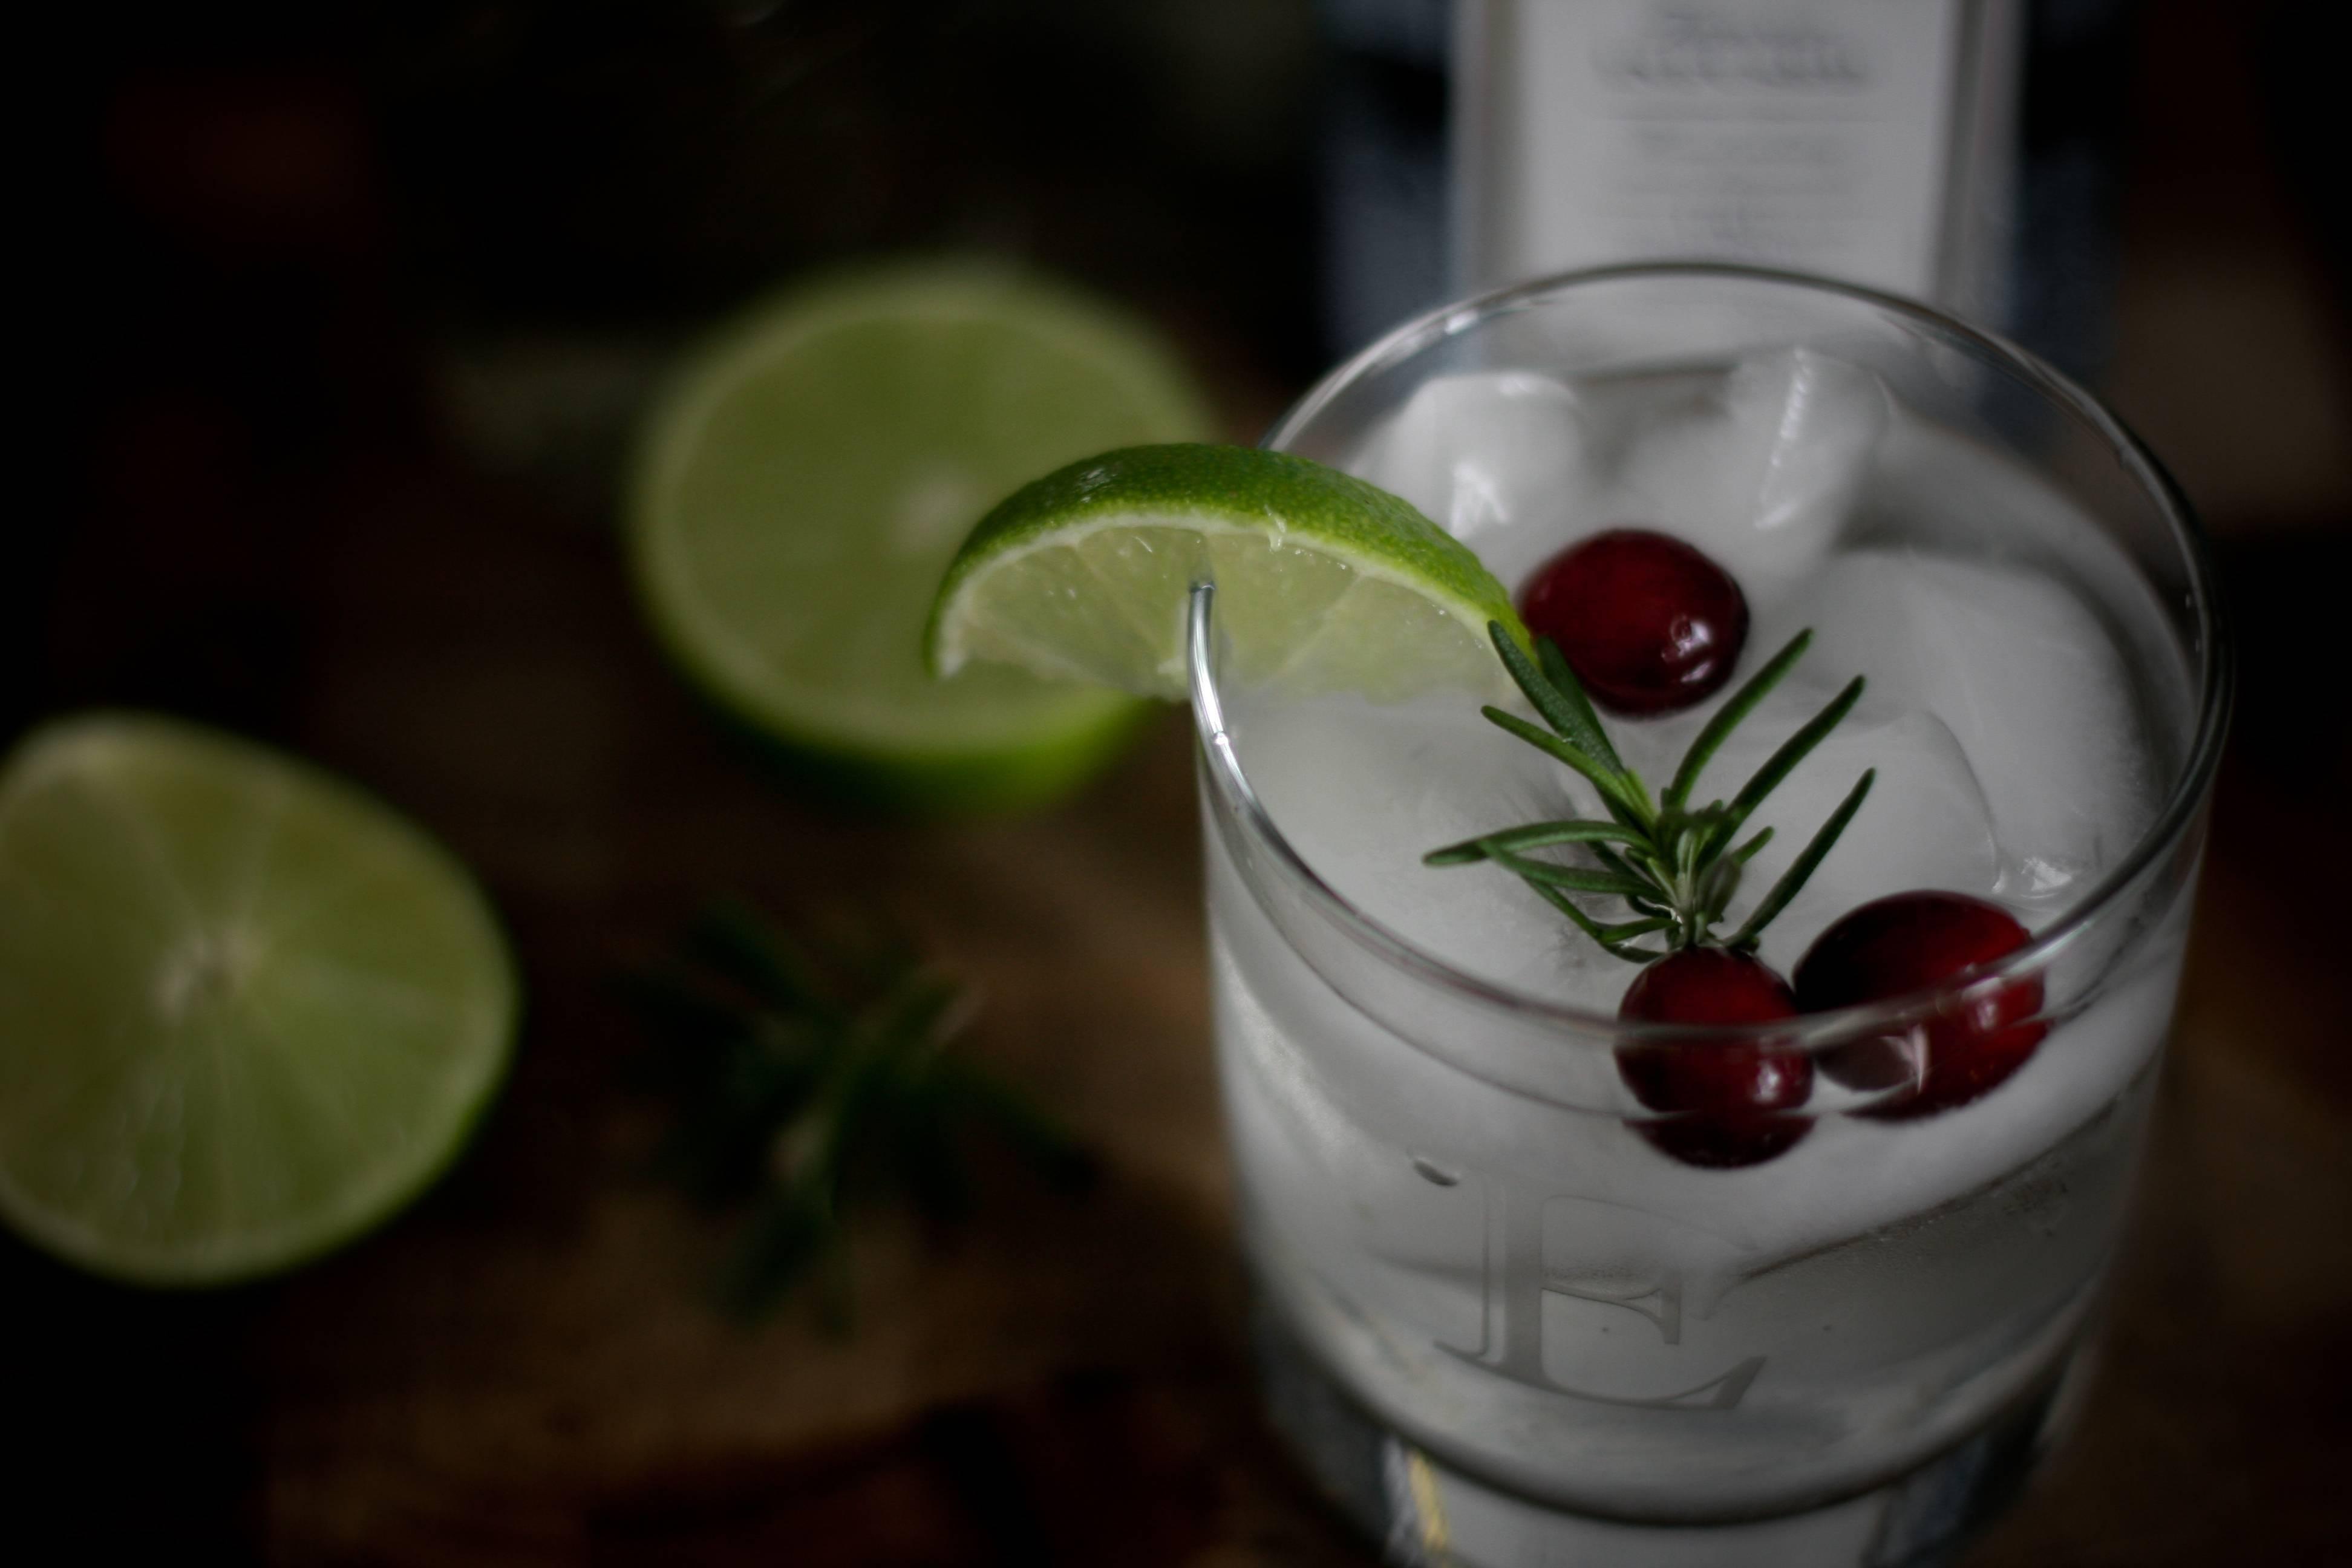 Рецепты и правила приготовления коктейлей с самогоном